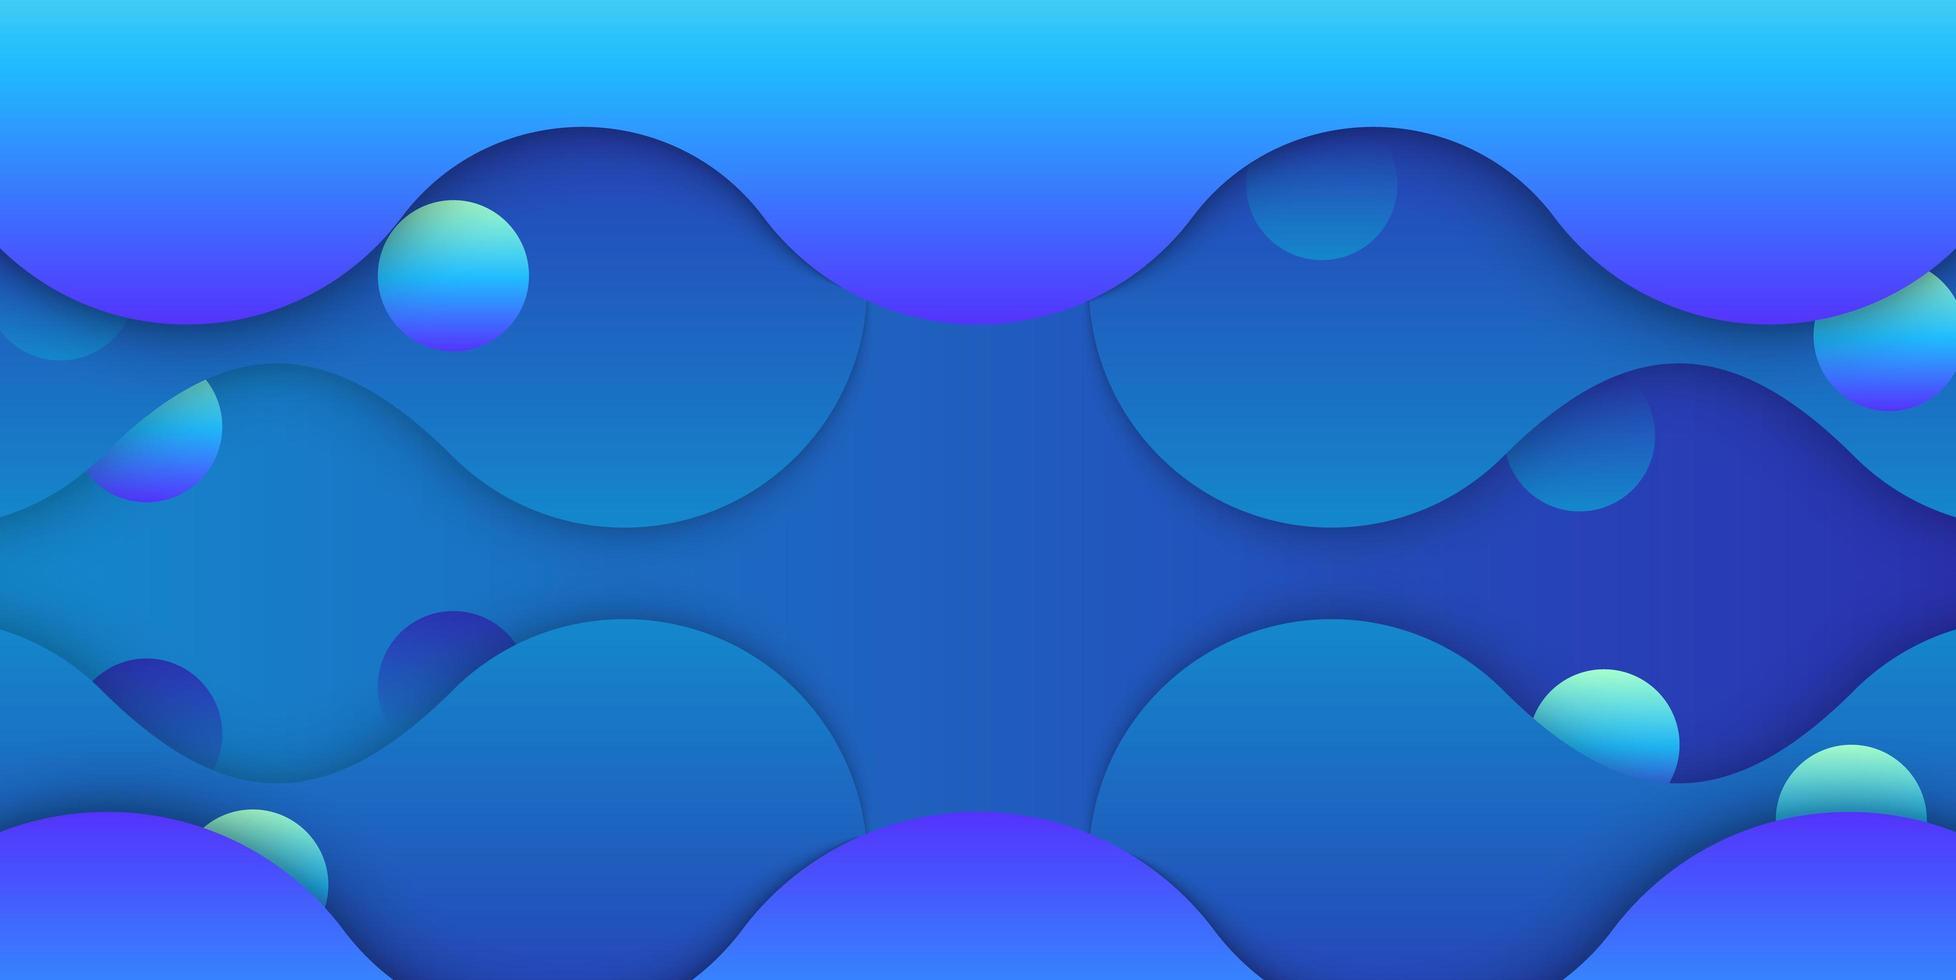 diseño de burbujas y formas líquidas azules en capas vector